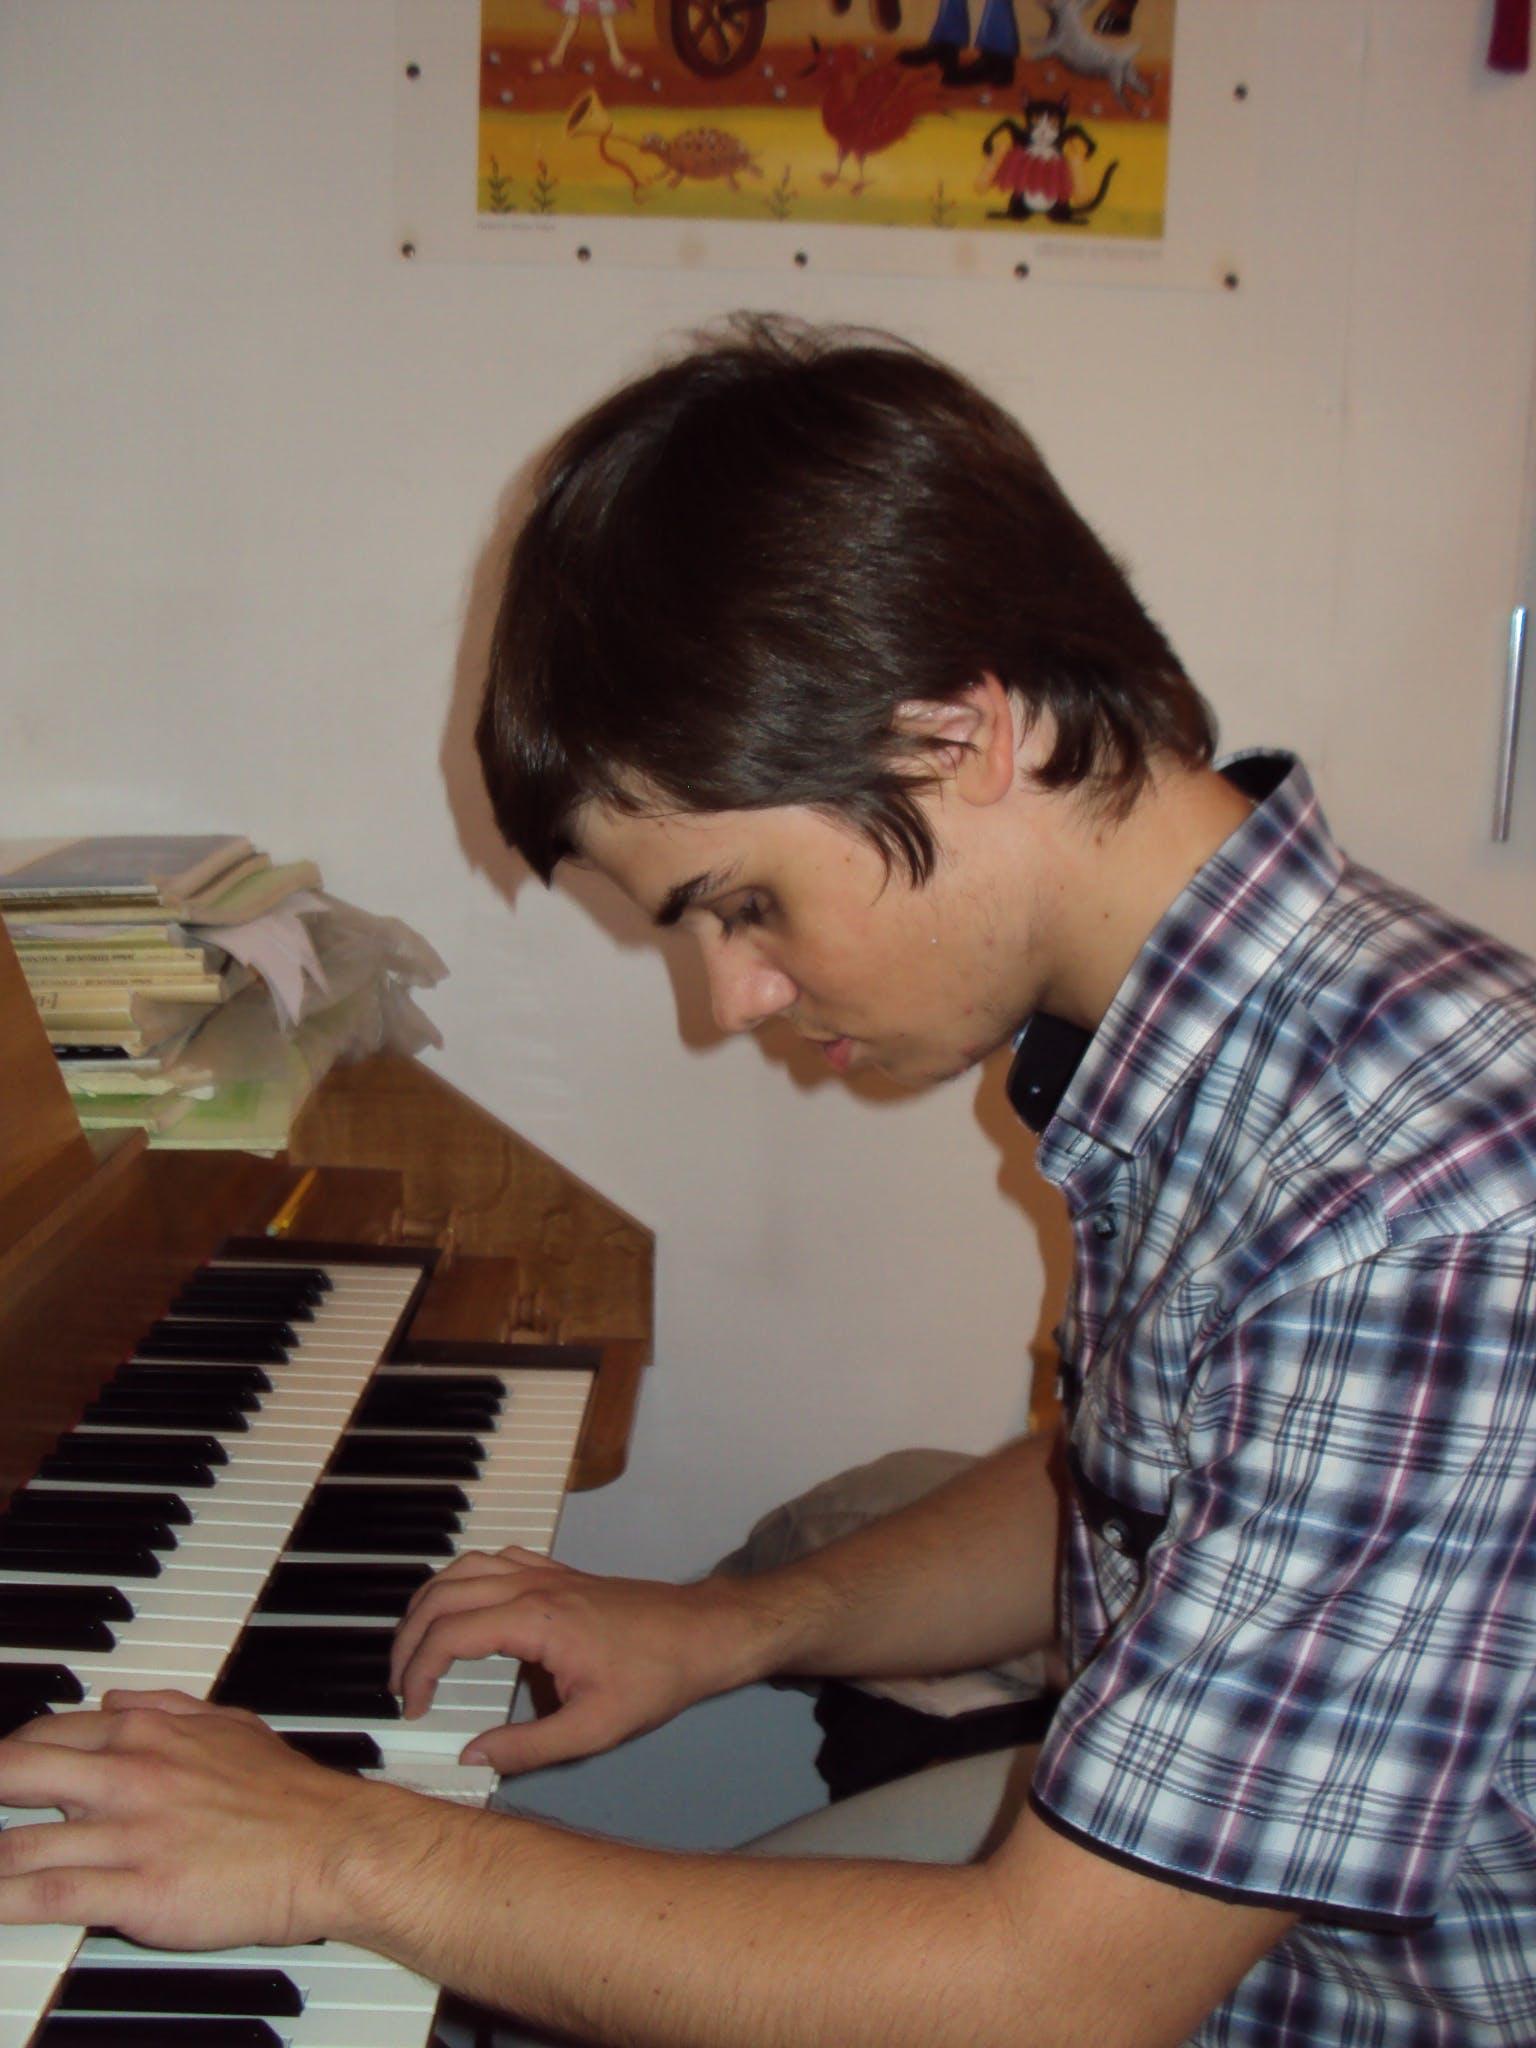 Cours de Théorie de la Musique, Histoire musique, Piano à Ixelles, Bruxelles, Belgique